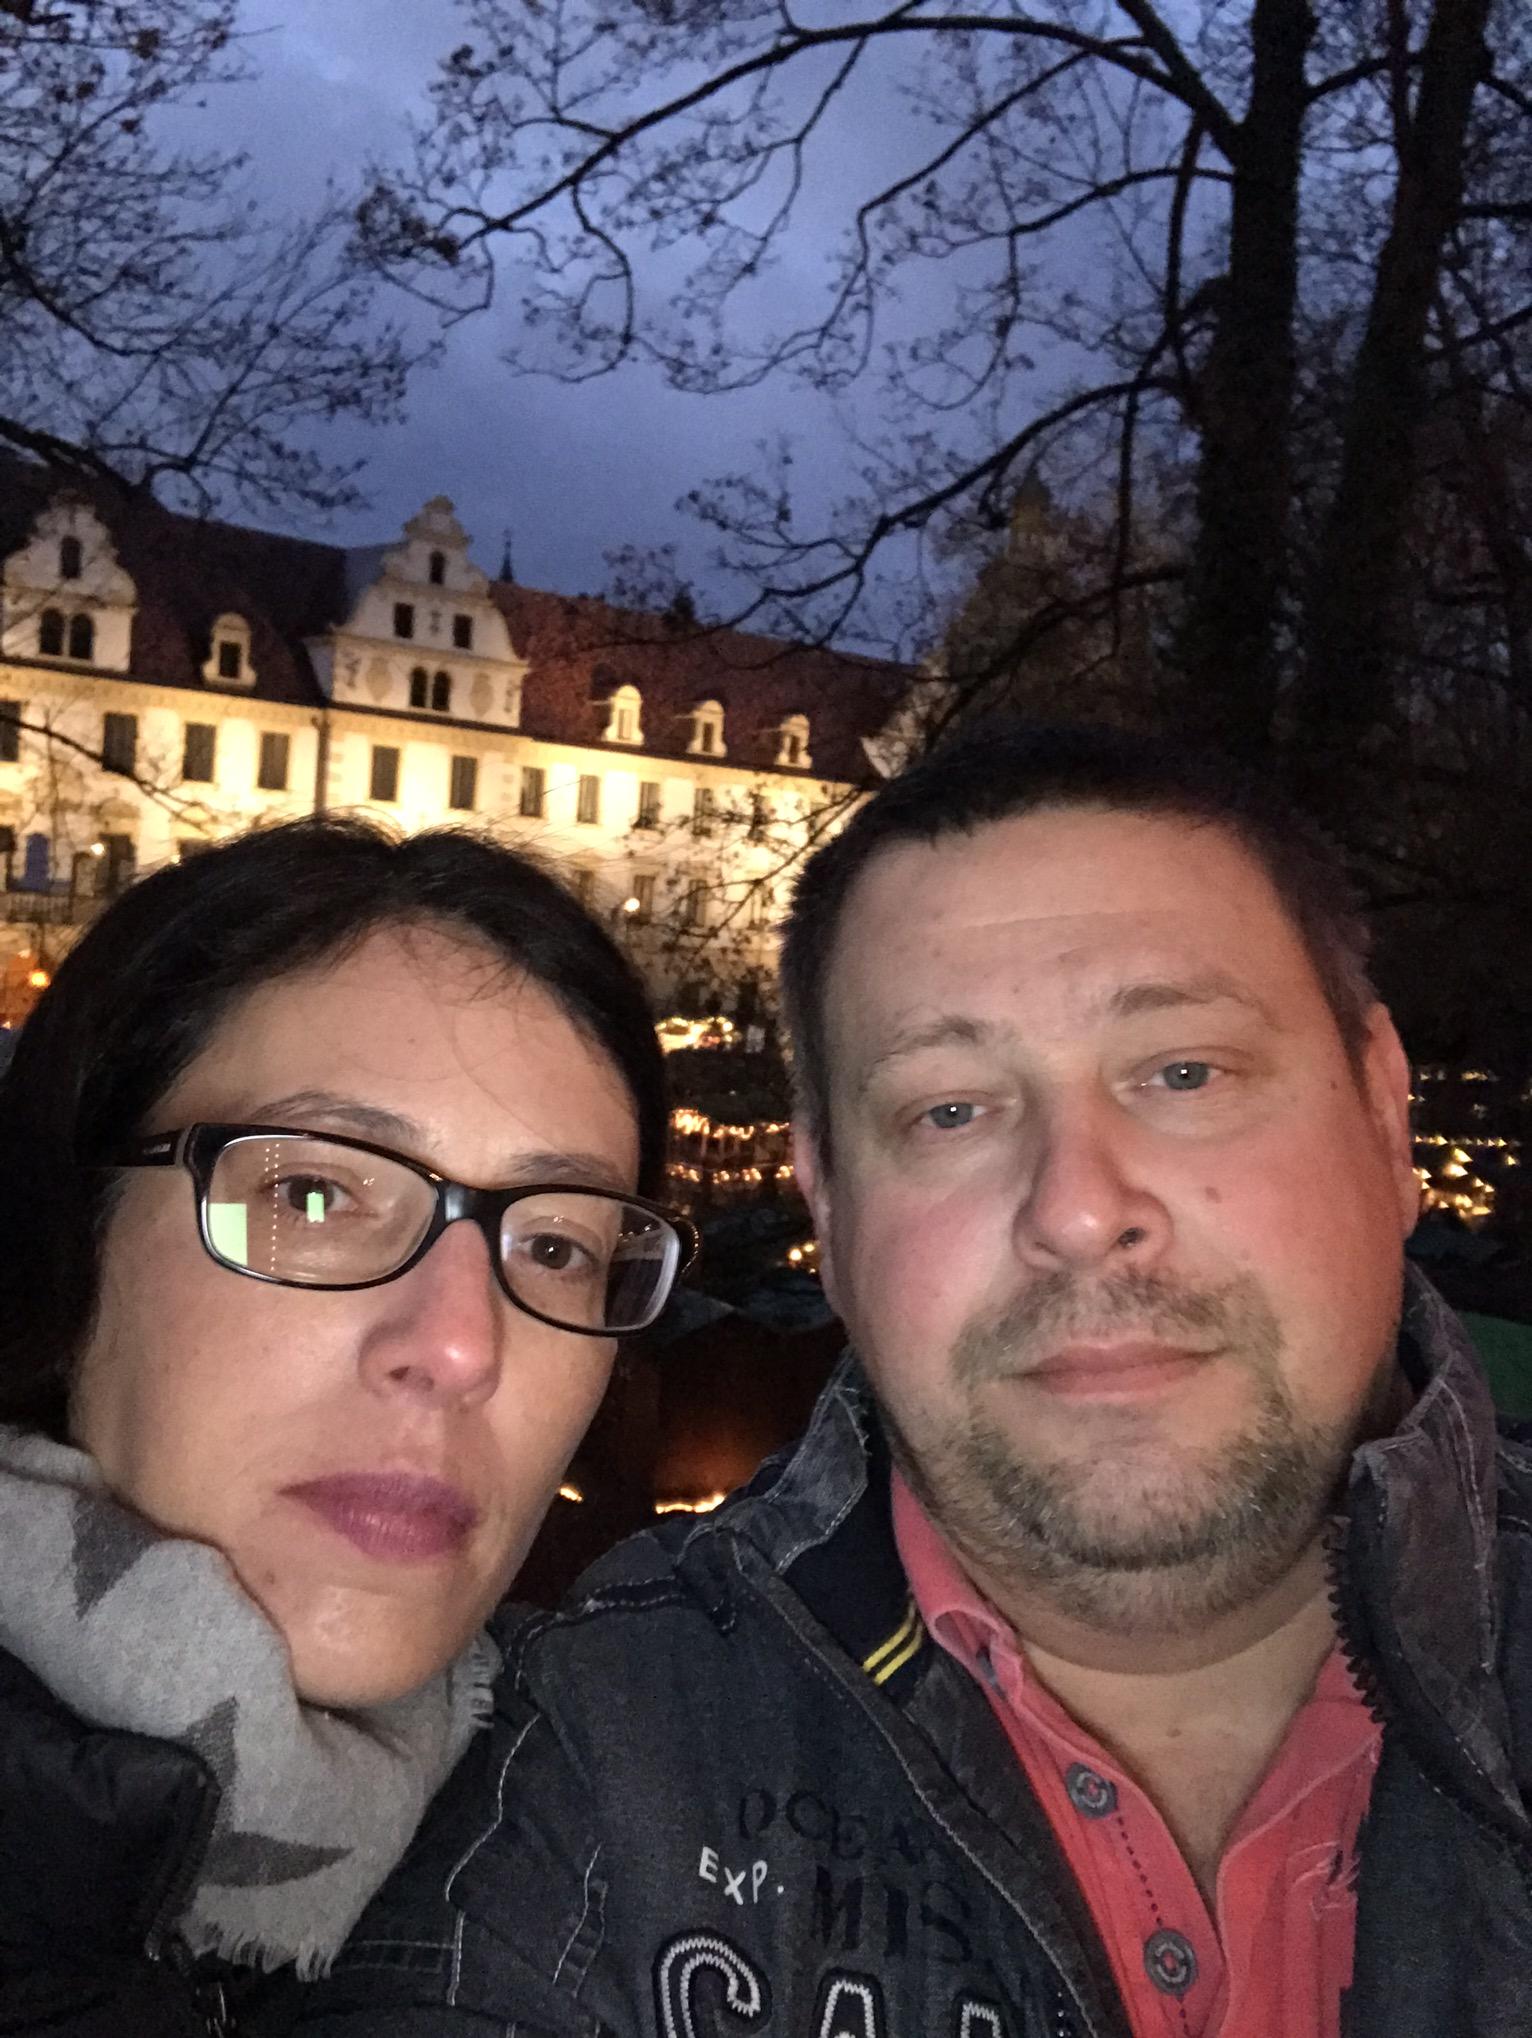 Regensburger Weihnachtsmarkt